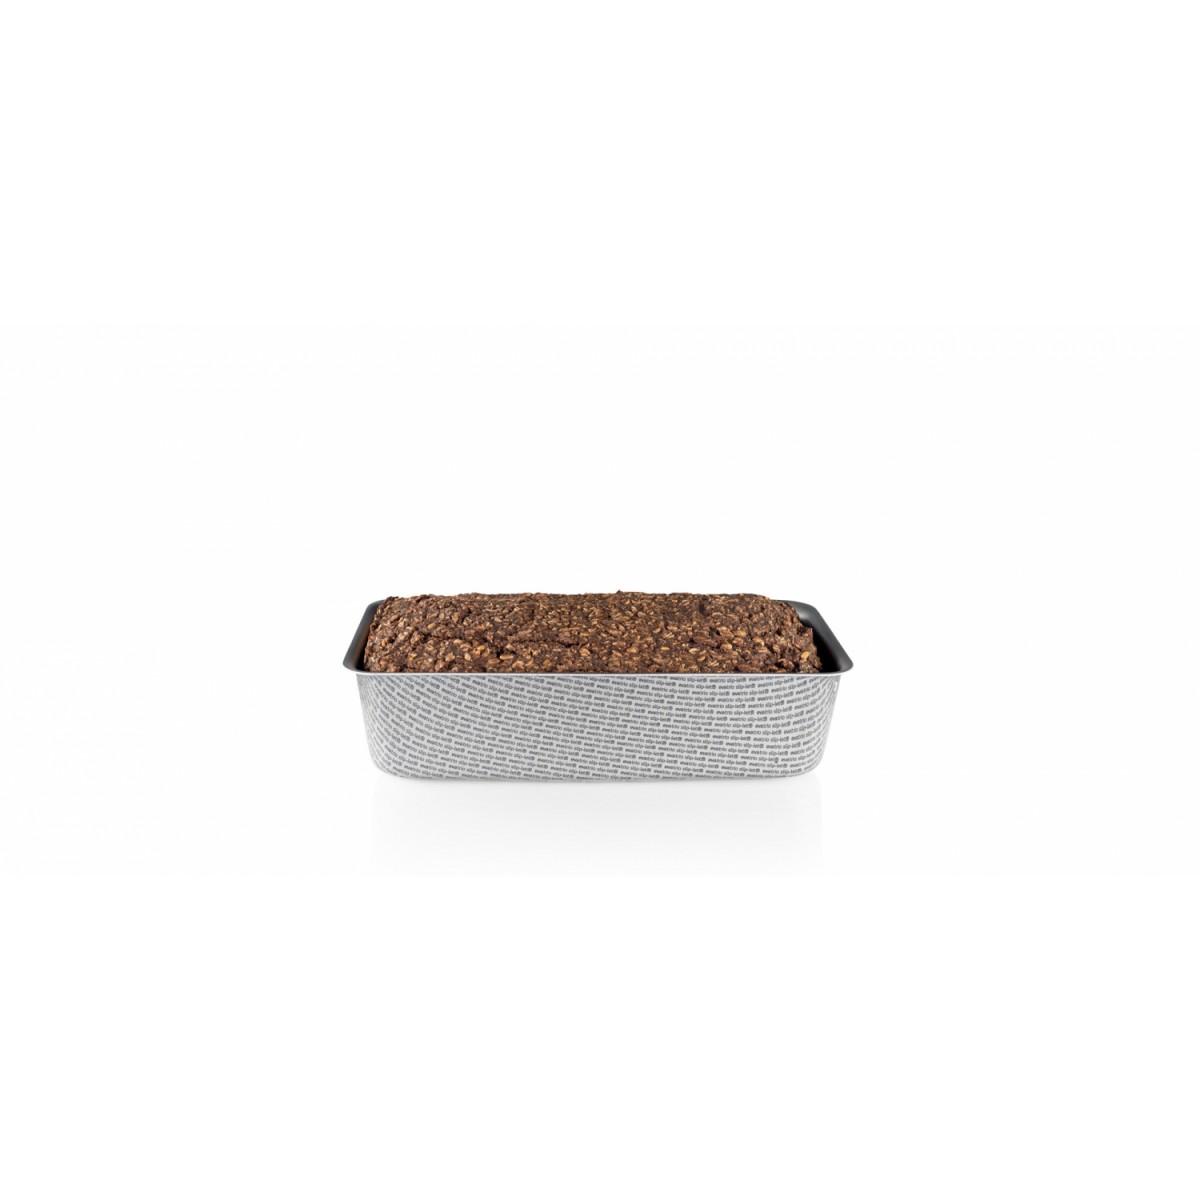 EVA TRIO Brødform 2,9 ltr.